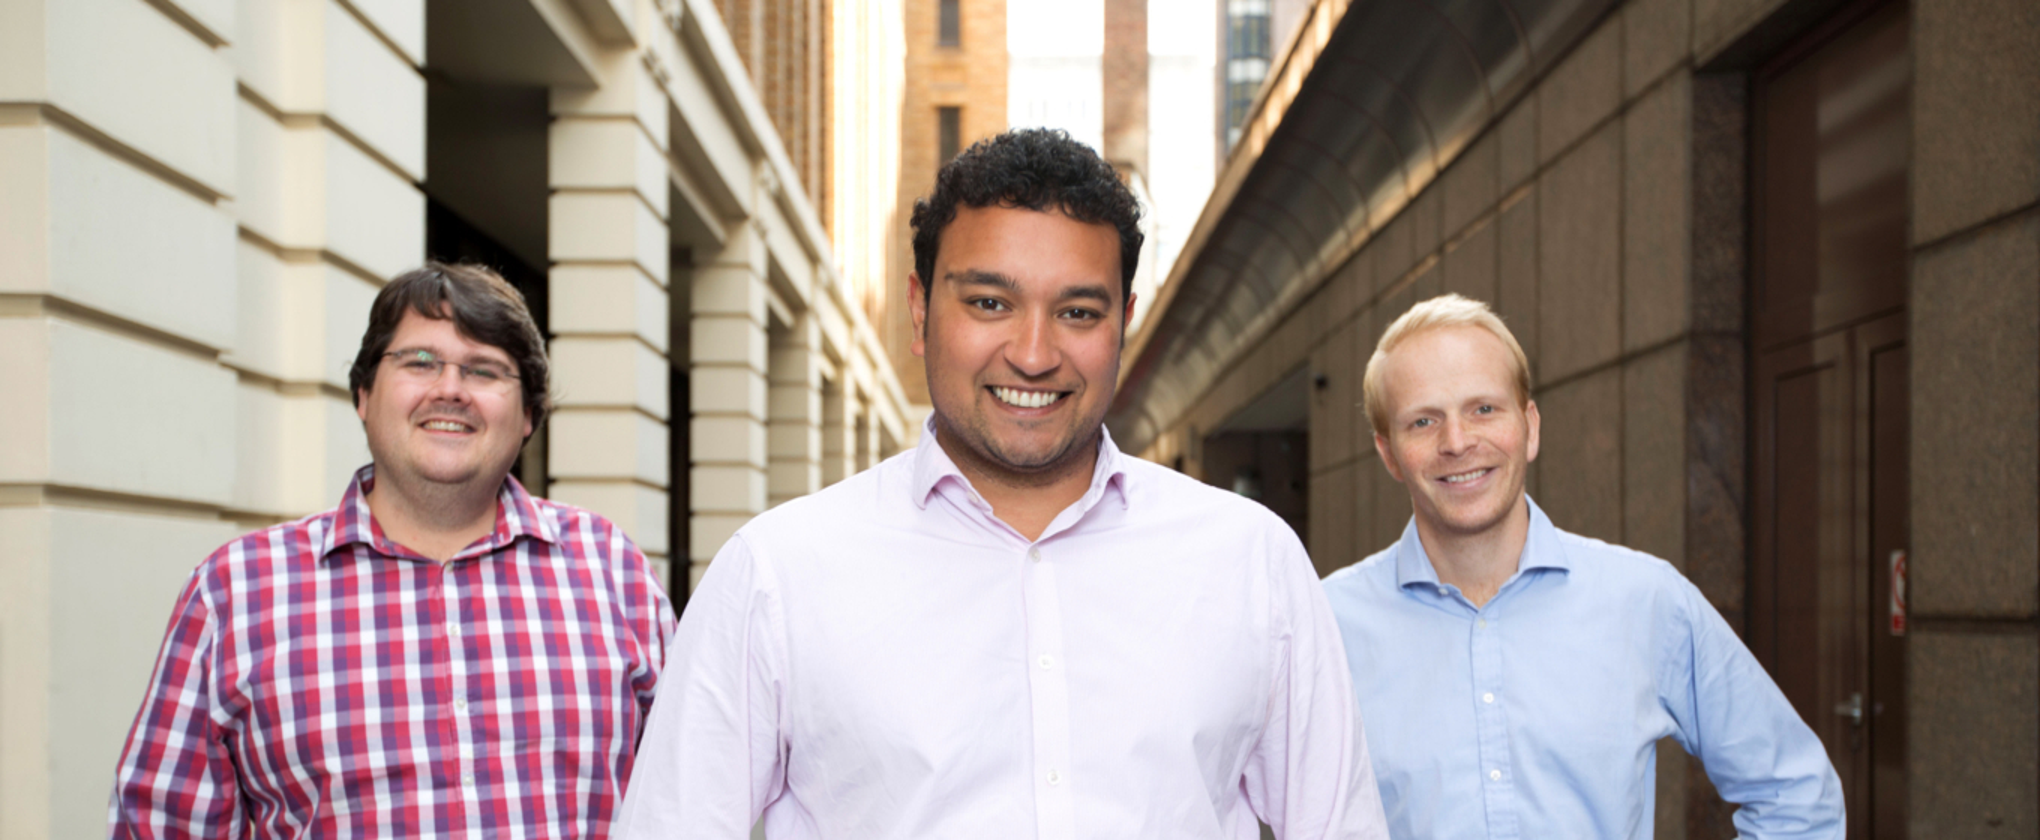 Funding Circle: Leading Peer-to-Peer Lender